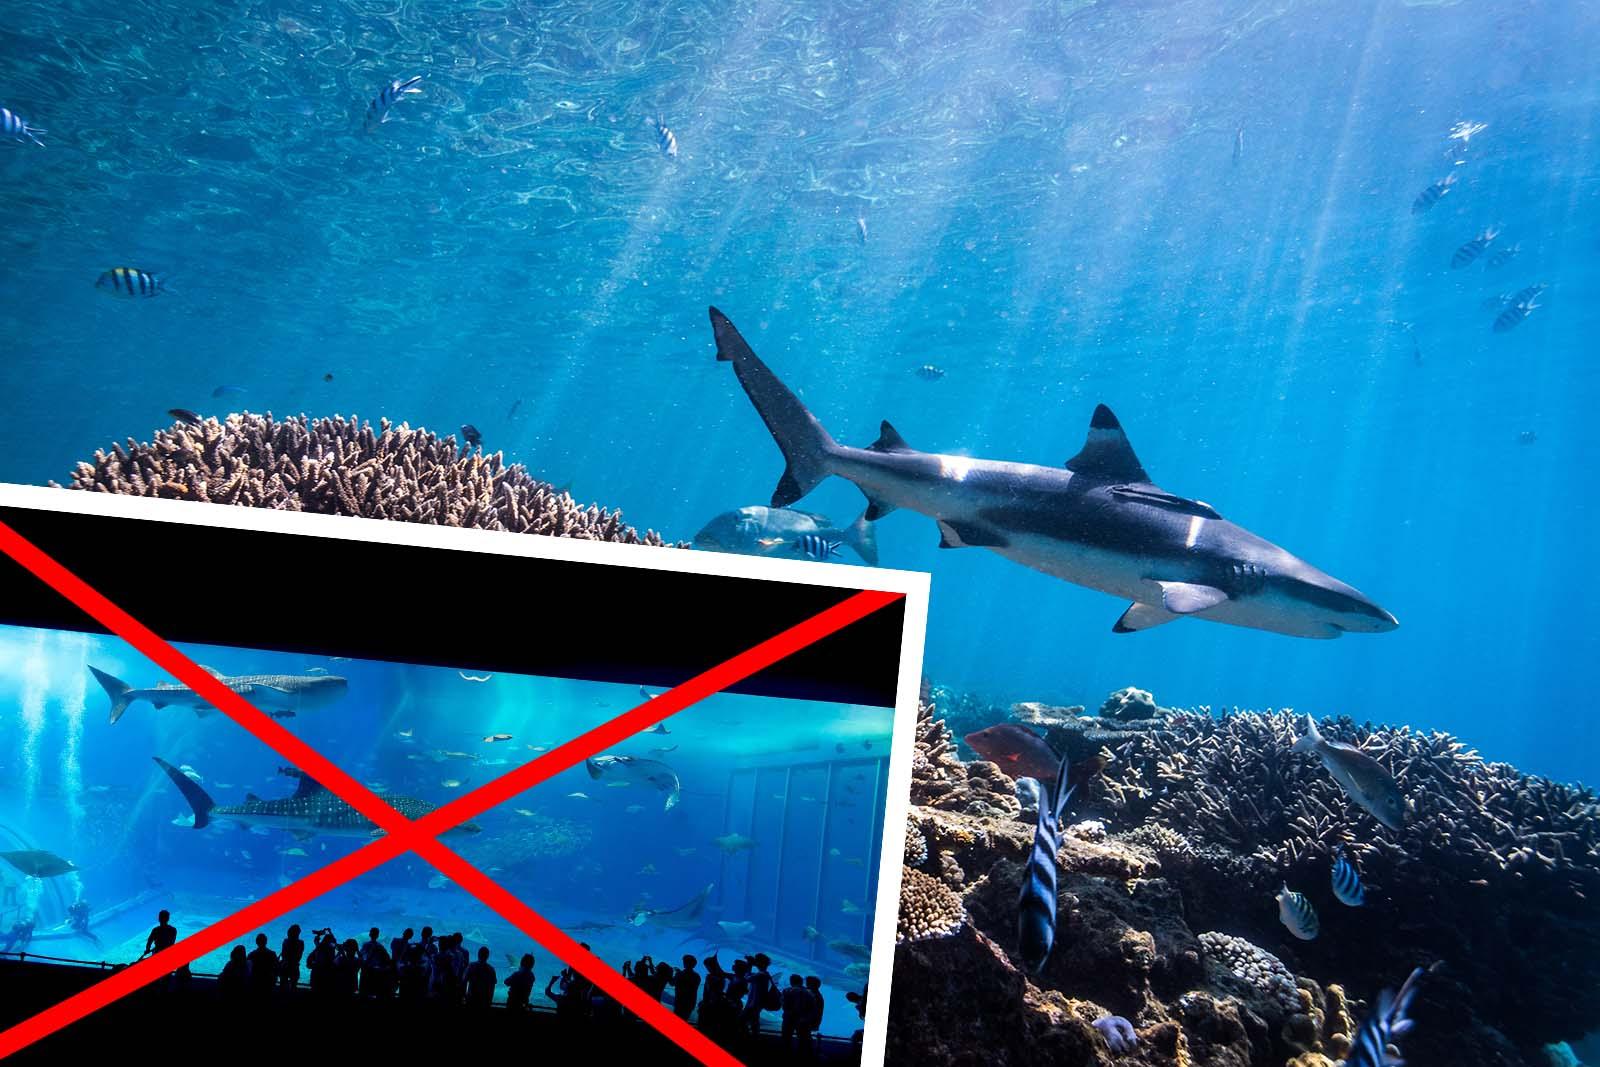 SIEG für Haie: Loomus, PETA und weitere Organisationen verhindern Bau eines neuen Hai-Aquariums in Estland